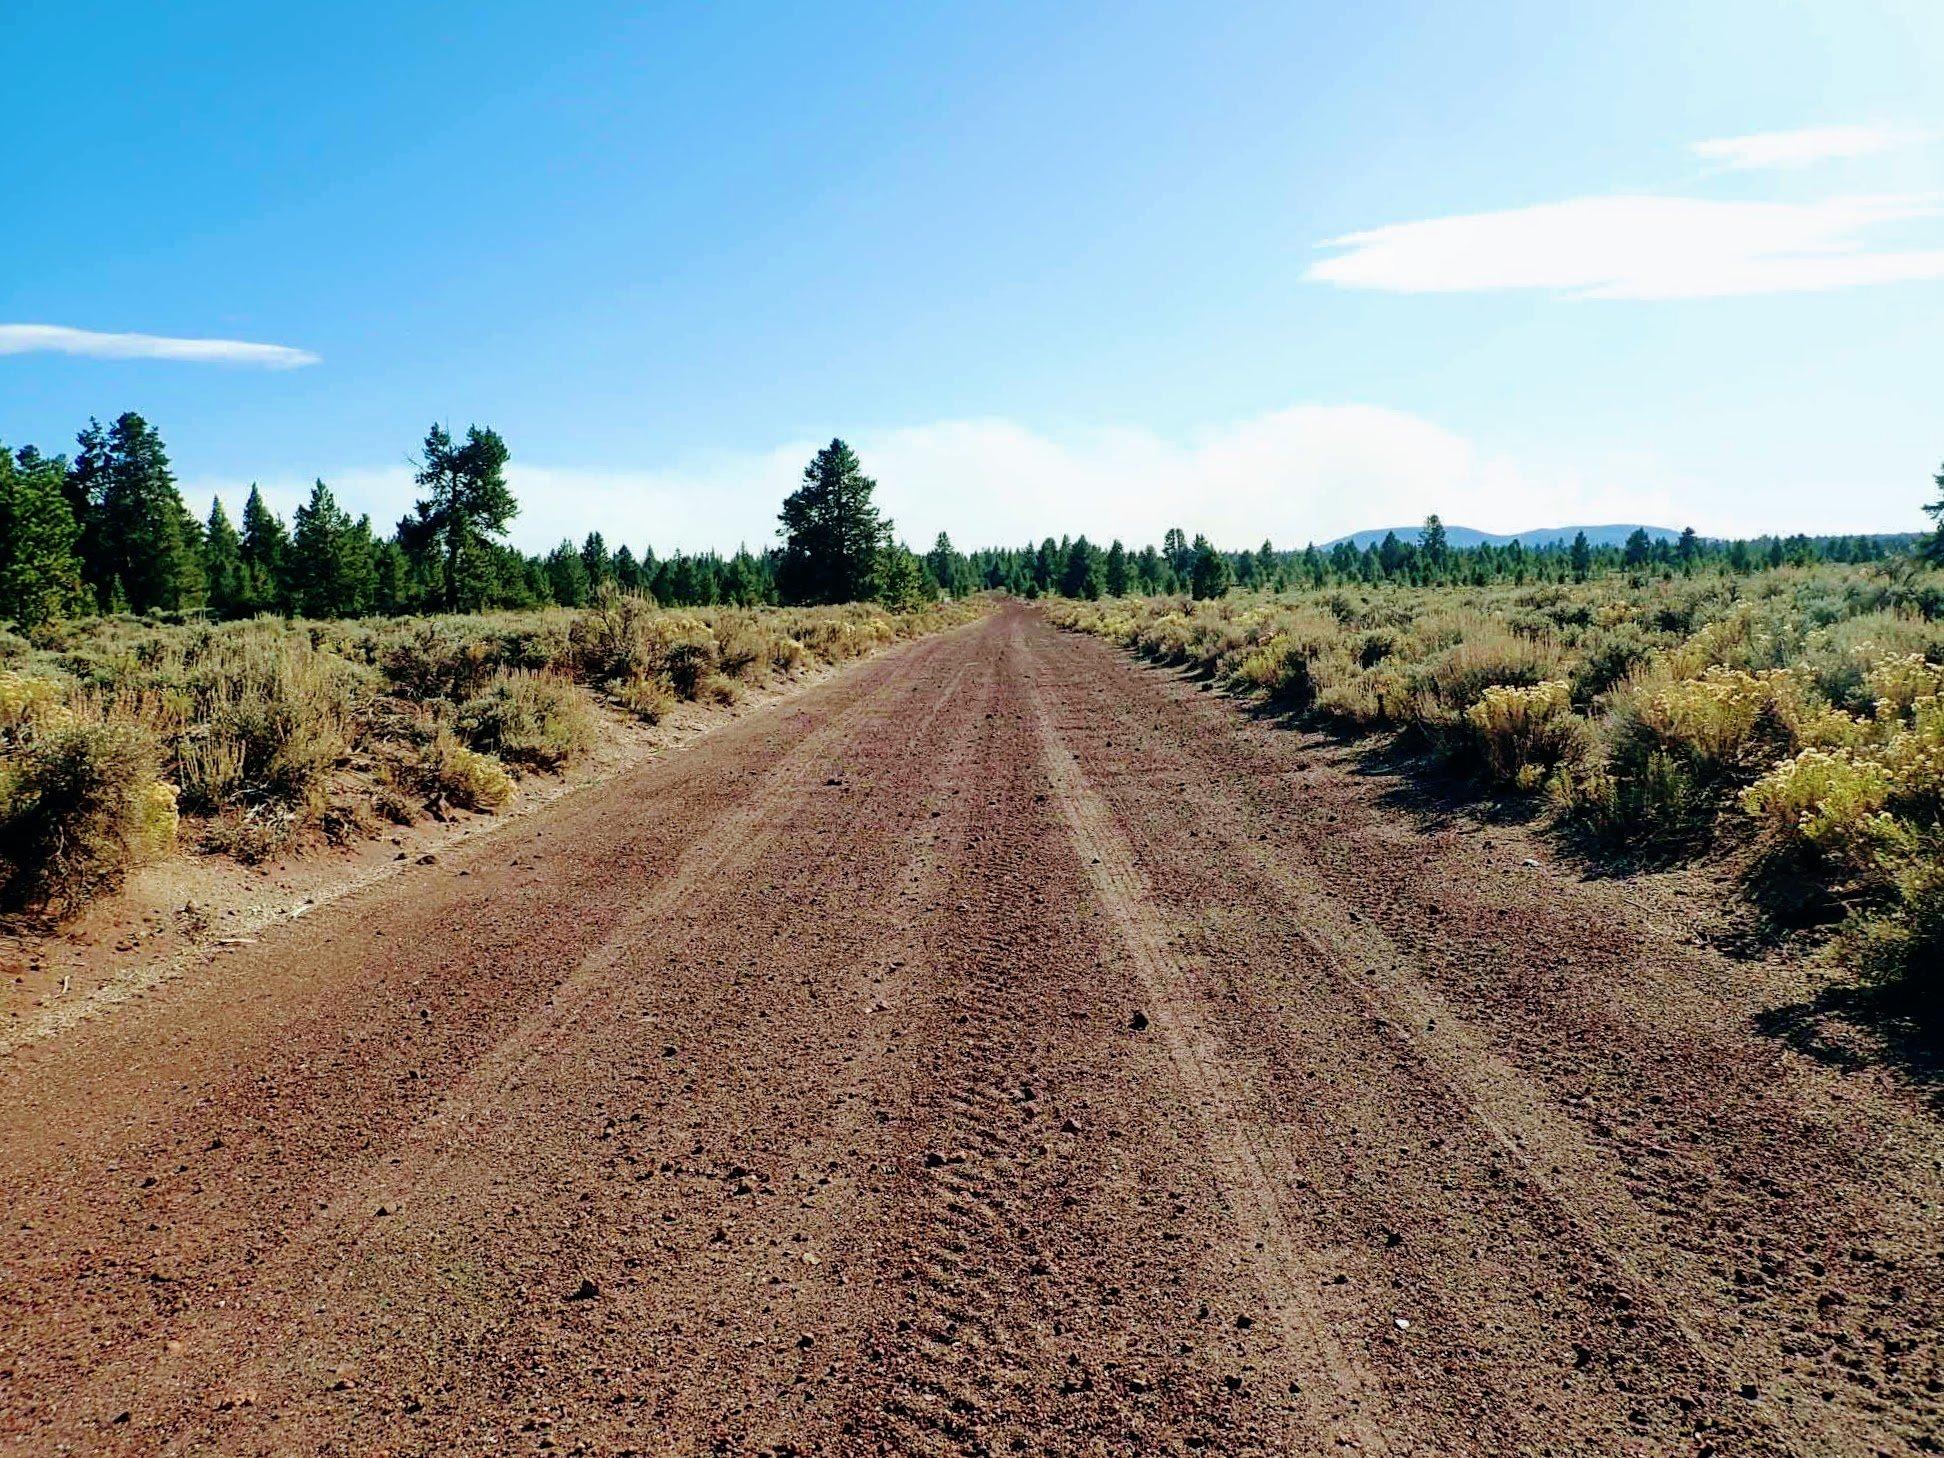 Oregon dirt road